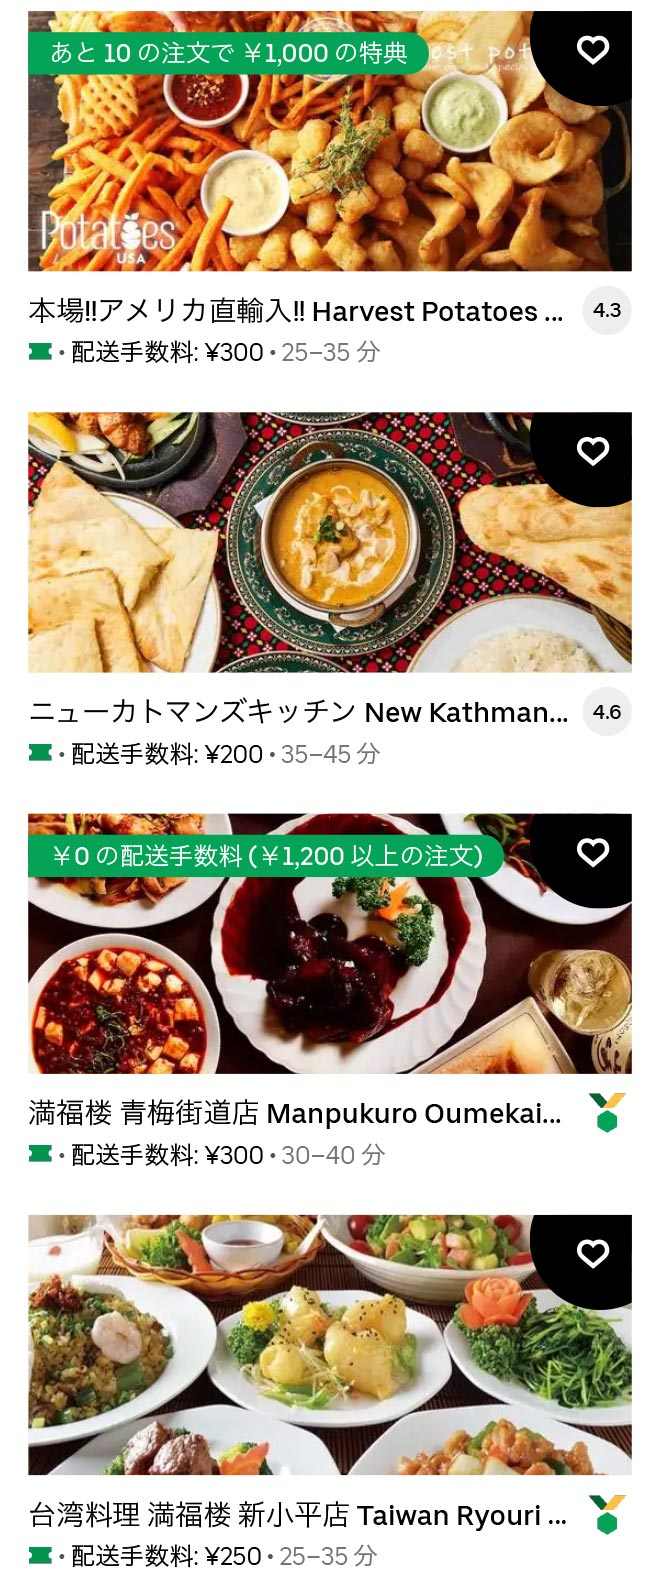 U higashi yamato 2106 09